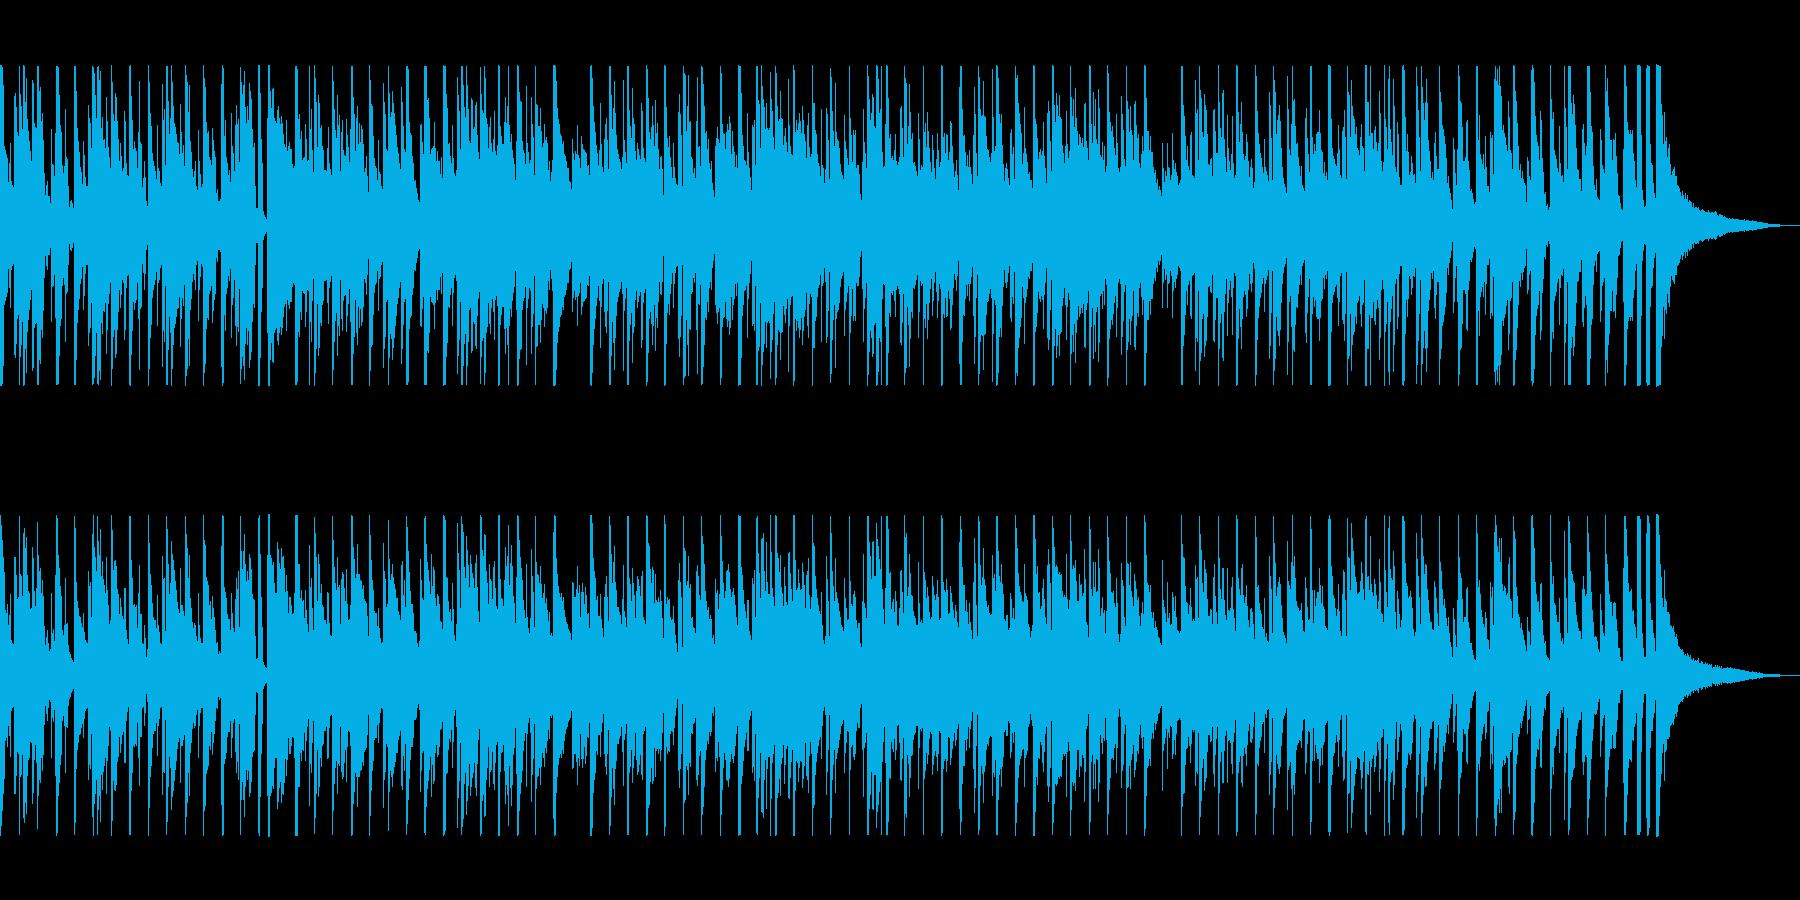 軽快でピアノとドラムが印象的なボサノバの再生済みの波形